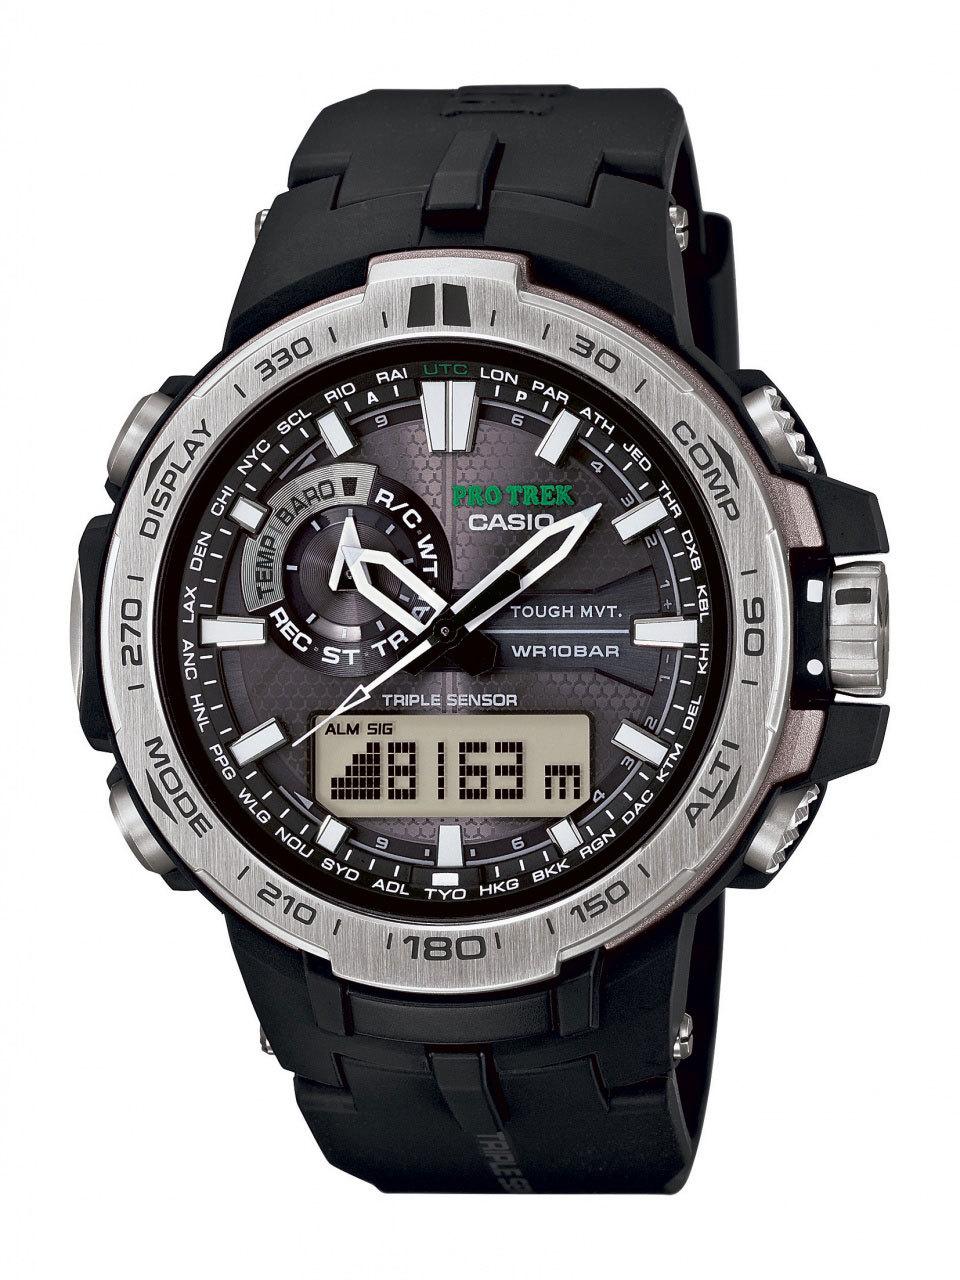 Casio Protrek PRW-6000-1E / PRW-6000-1ER - оригинальные наручные часы от eBay RU